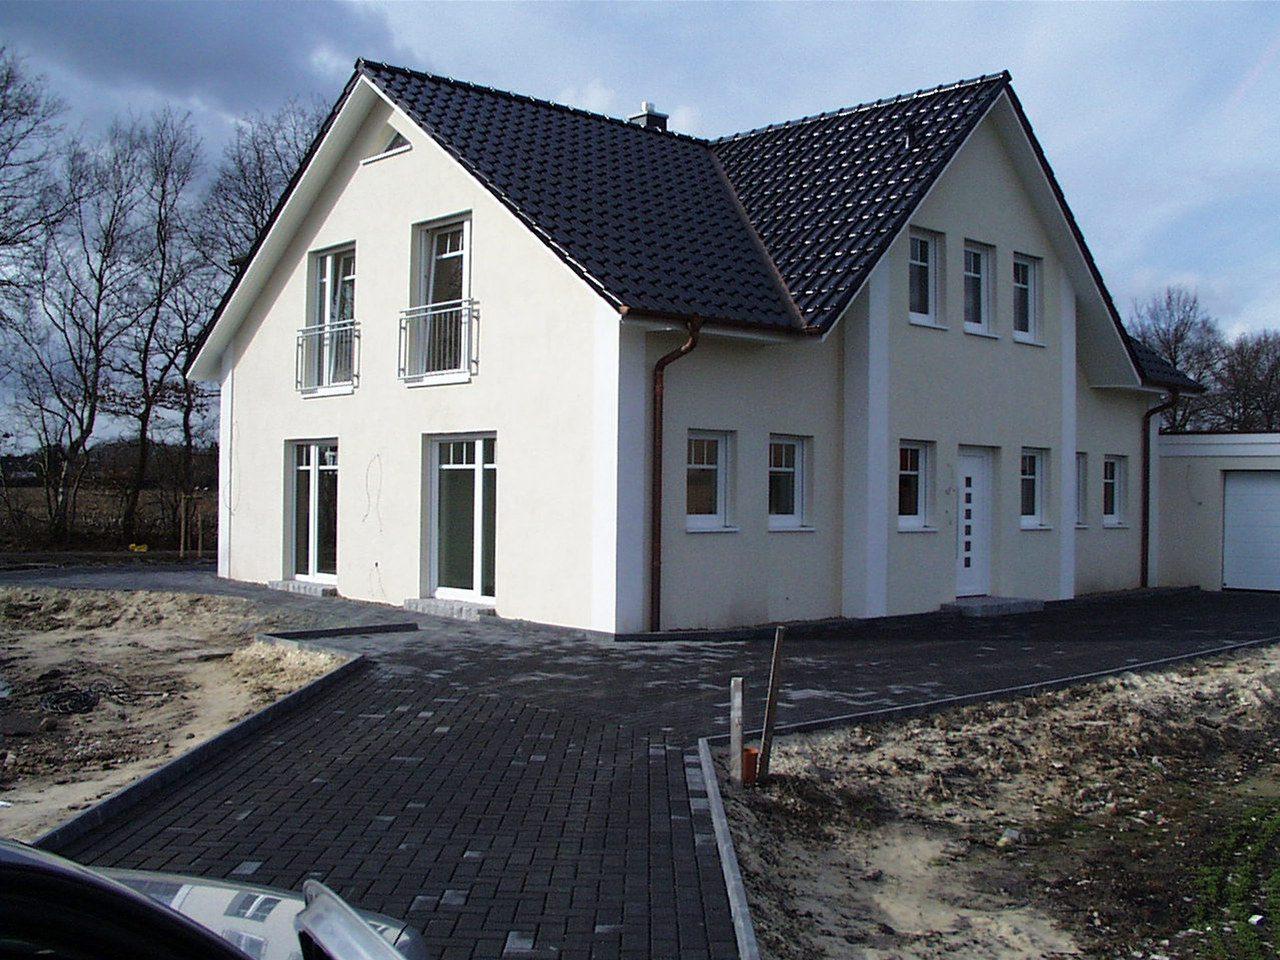 Rossa Bauunternehmen Referenzhaus 3